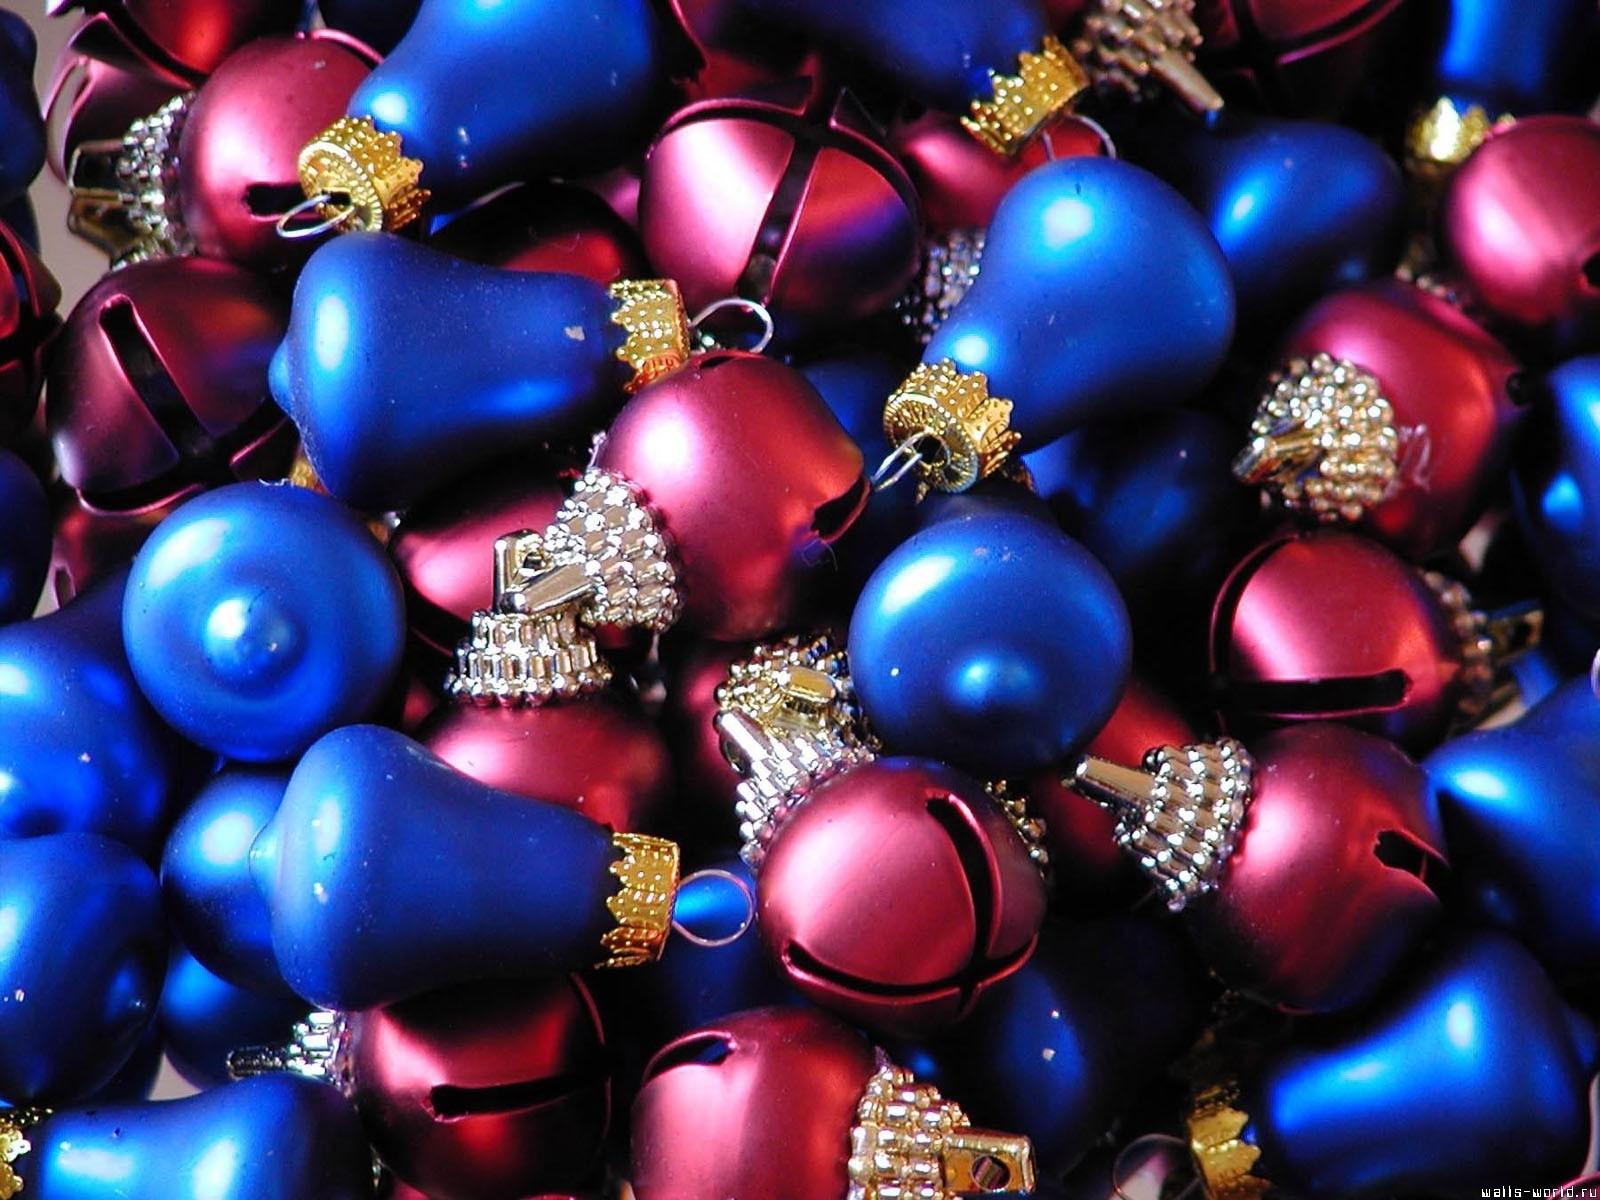 1408 скачать обои Праздники, Фон, Новый Год (New Year), Игрушки, Рождество (Christmas, Xmas) - заставки и картинки бесплатно